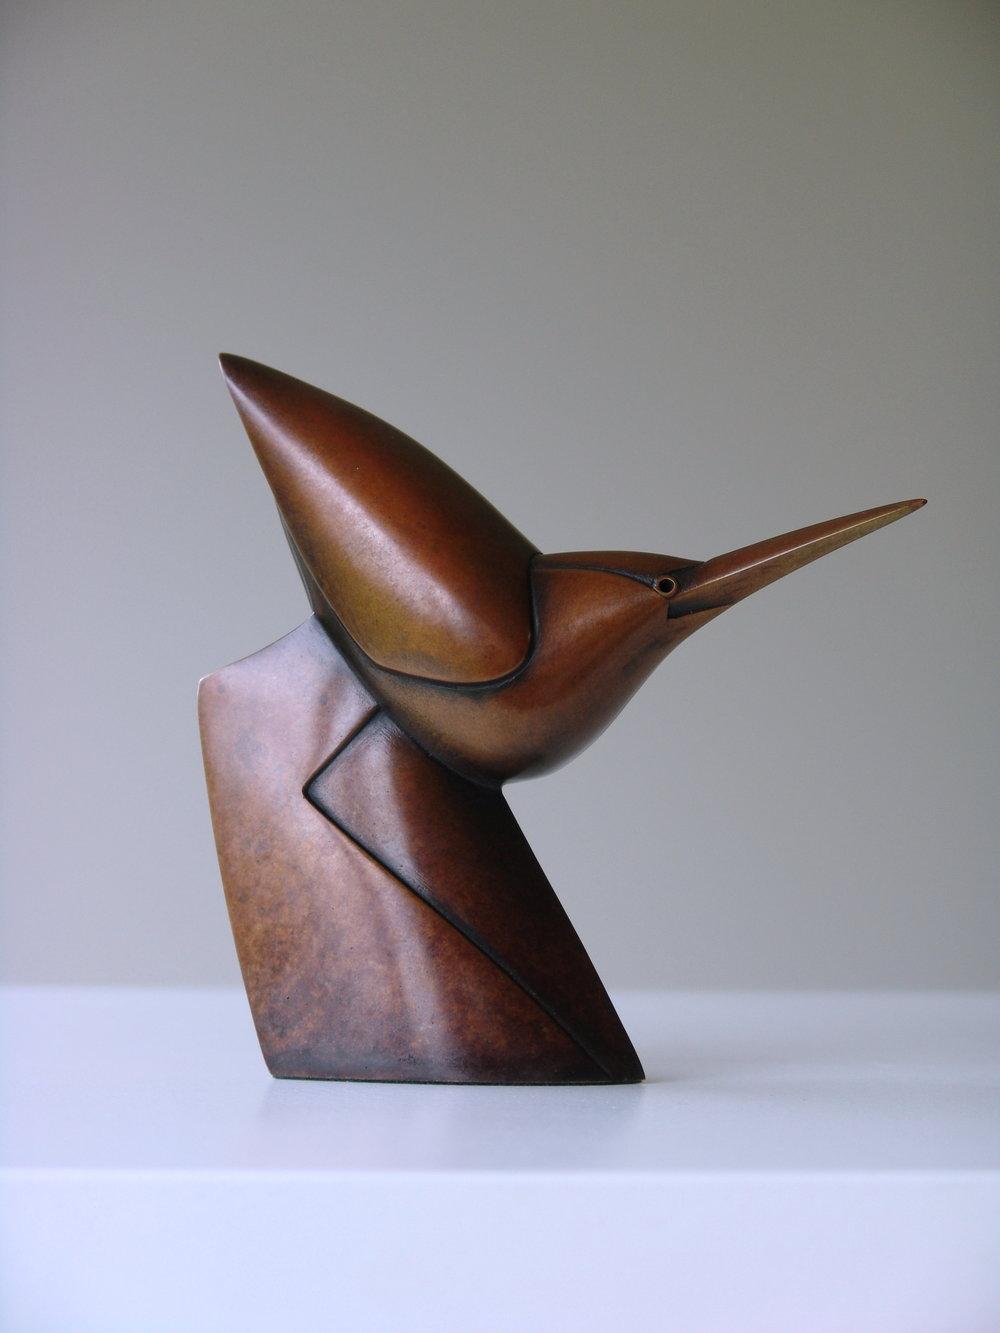 Little Walking Heron  bronze  13 x 13 x 4cm  £1500